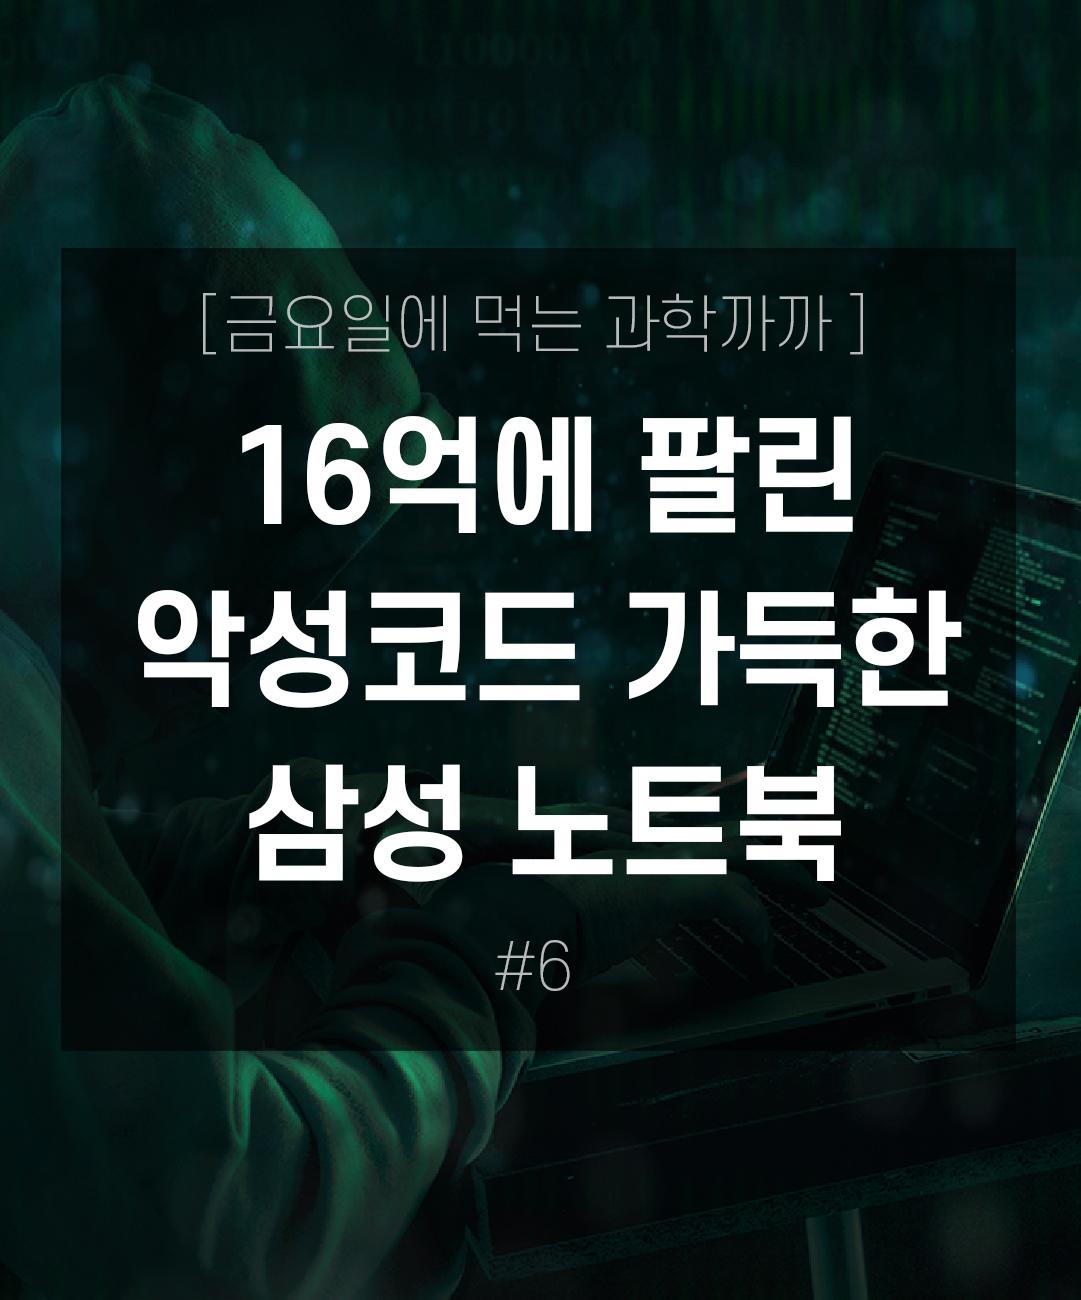 16억에 팔린 악성코드 가득한 삼성 노트북 이미지